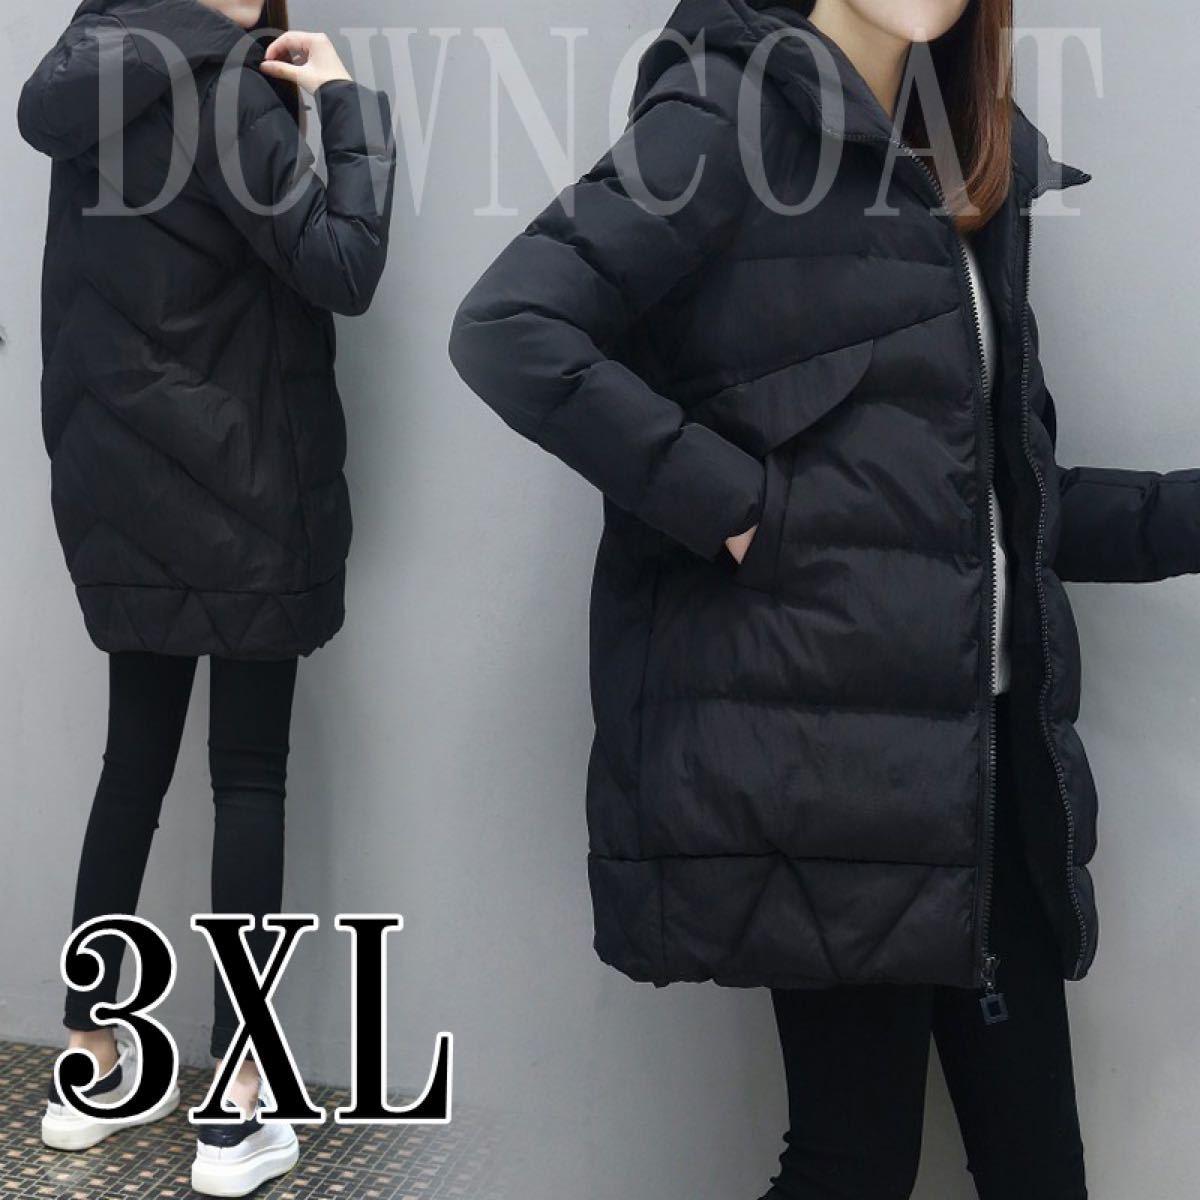 中綿ダウンコート ダウンジャケット 3XL アウター コート コートジャケット レディース